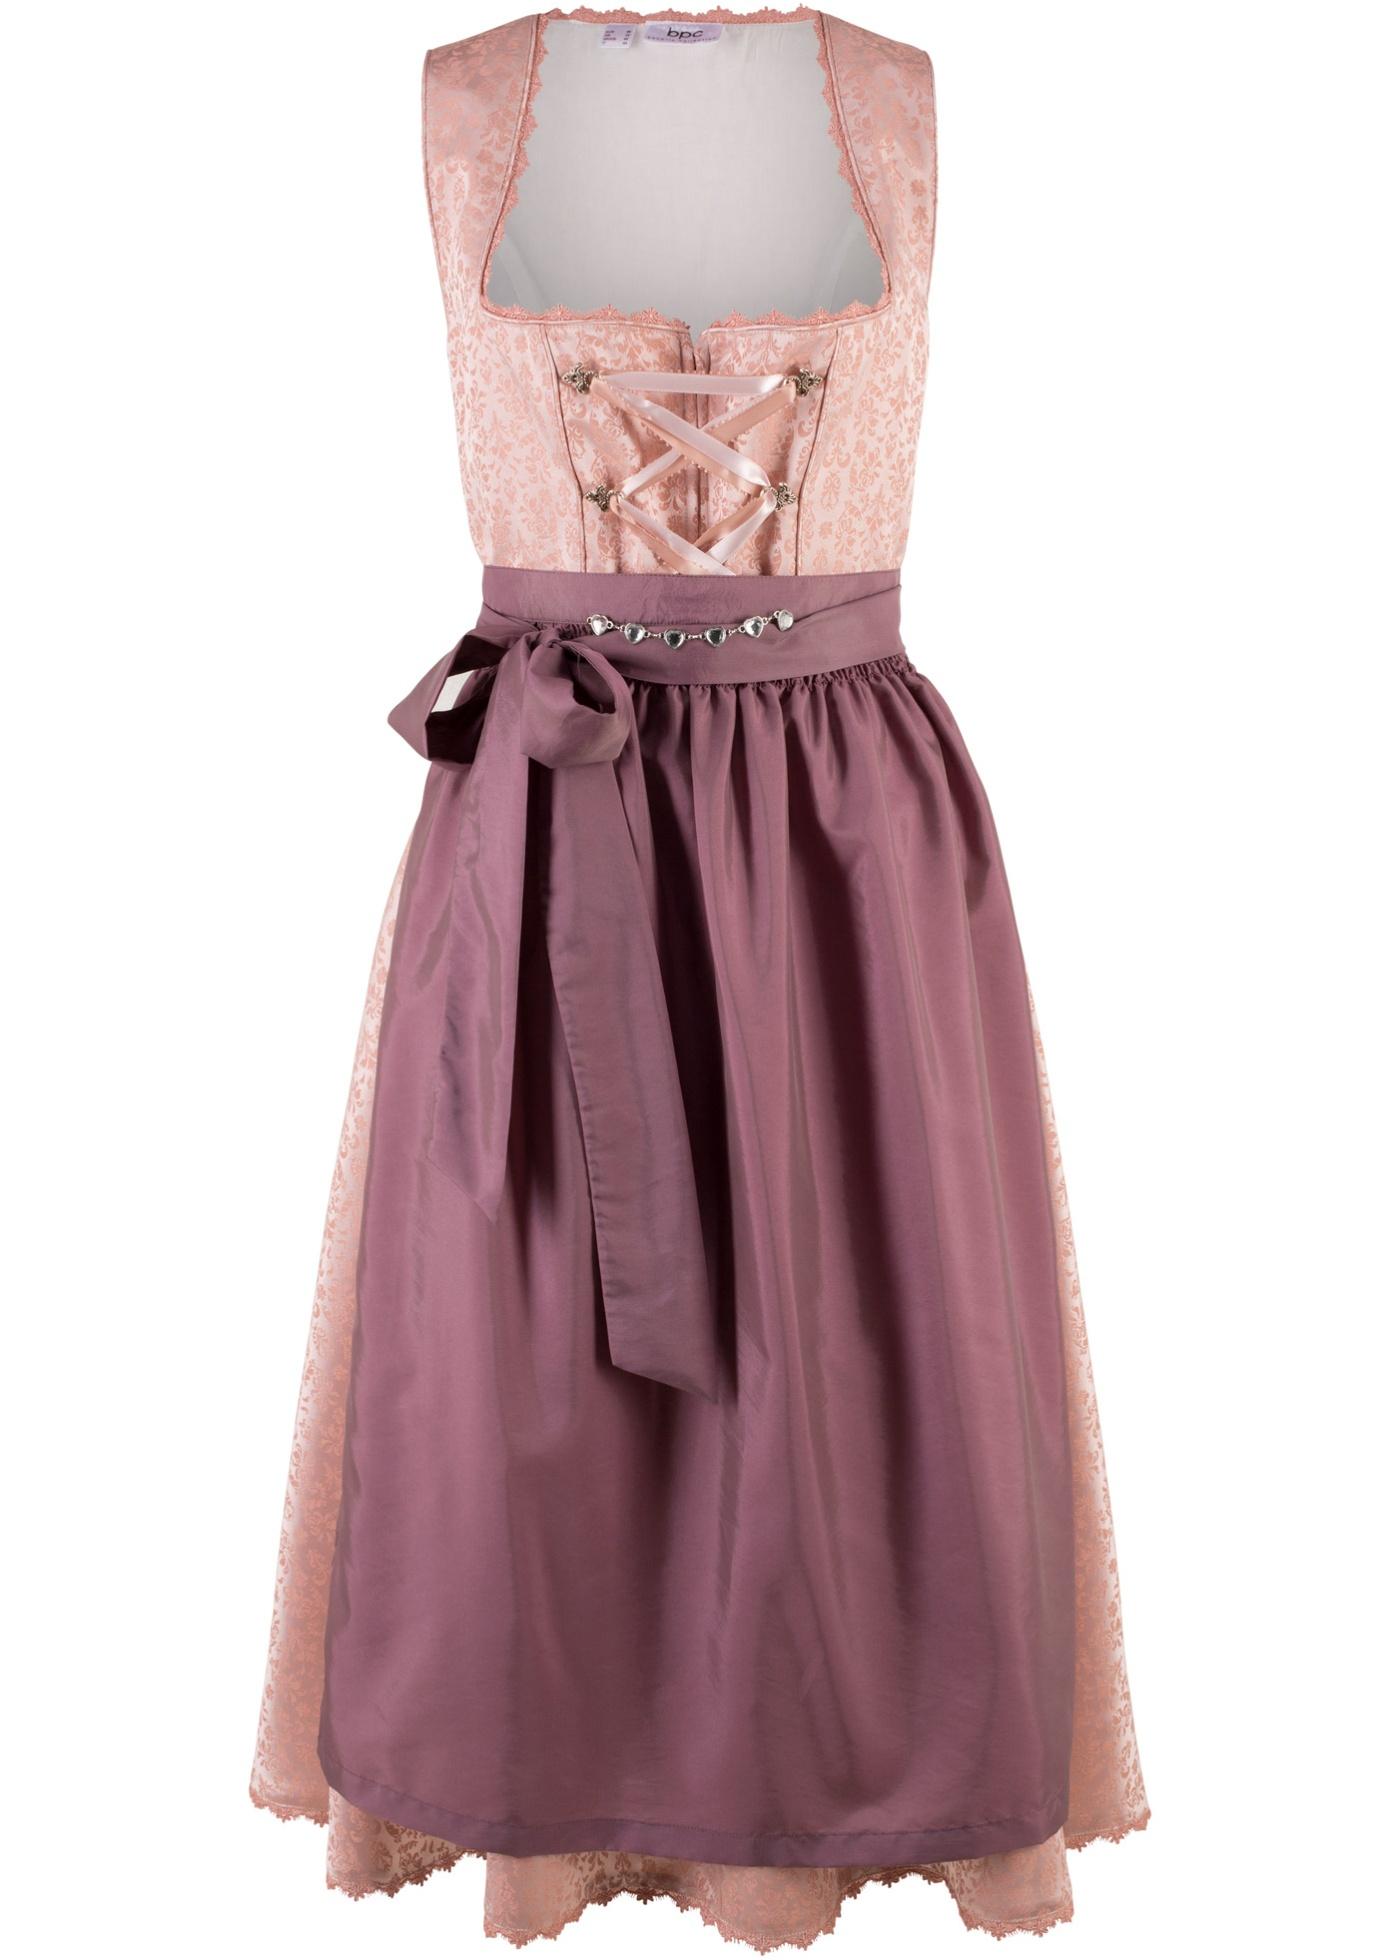 74f50f04ddfd Beställ Folkdräktsinspirerad klänning med förkläde, vadlång vintagerosa,  mönstrad nu från 999.- kr